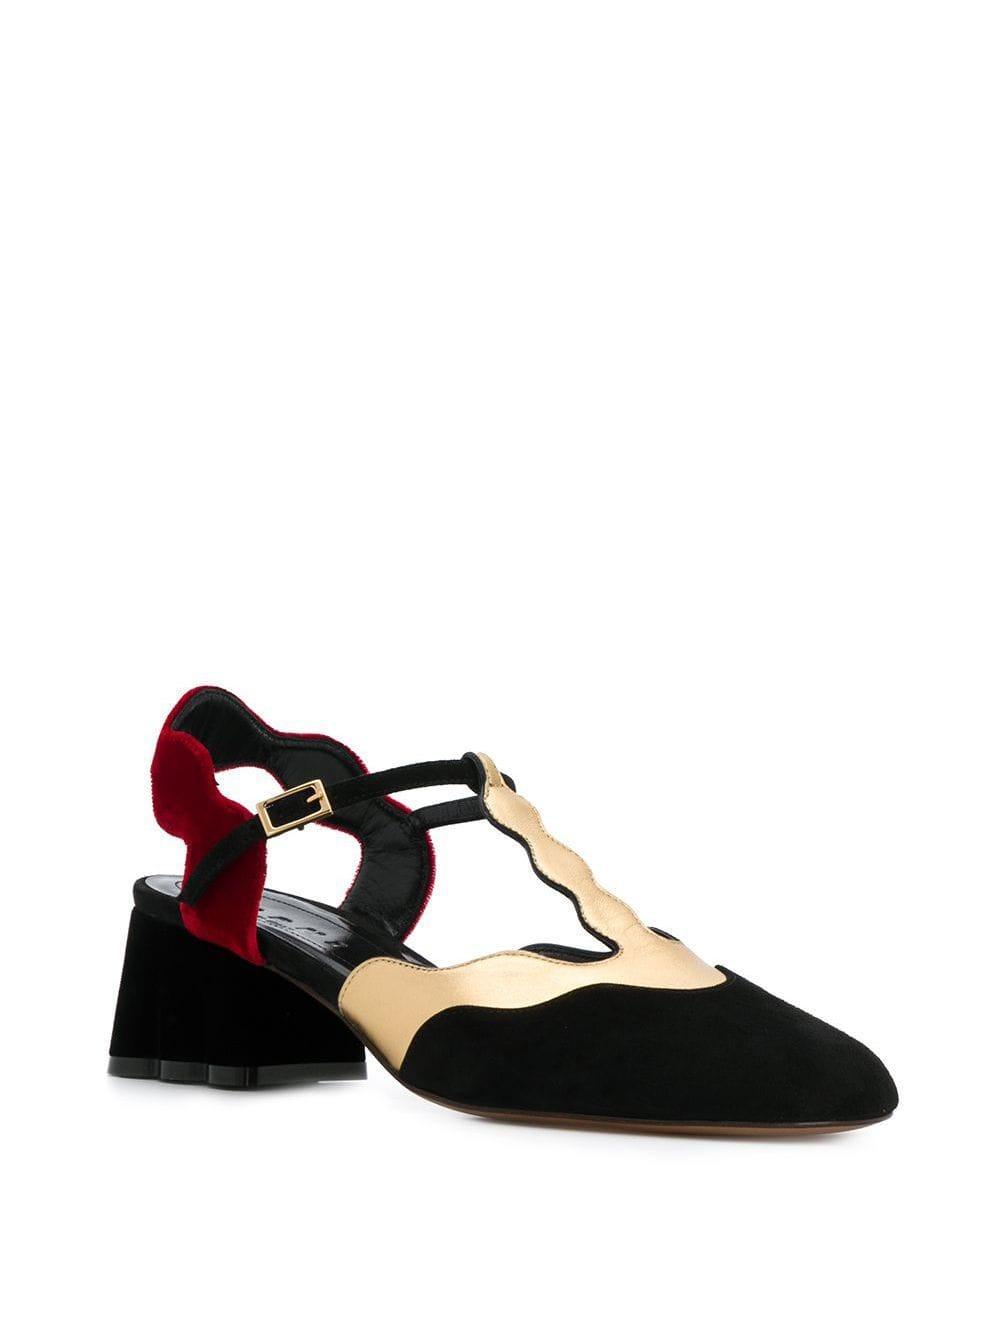 Zapatos con tacón cuadrado y tira trasera Marni de Cuero de color Negro